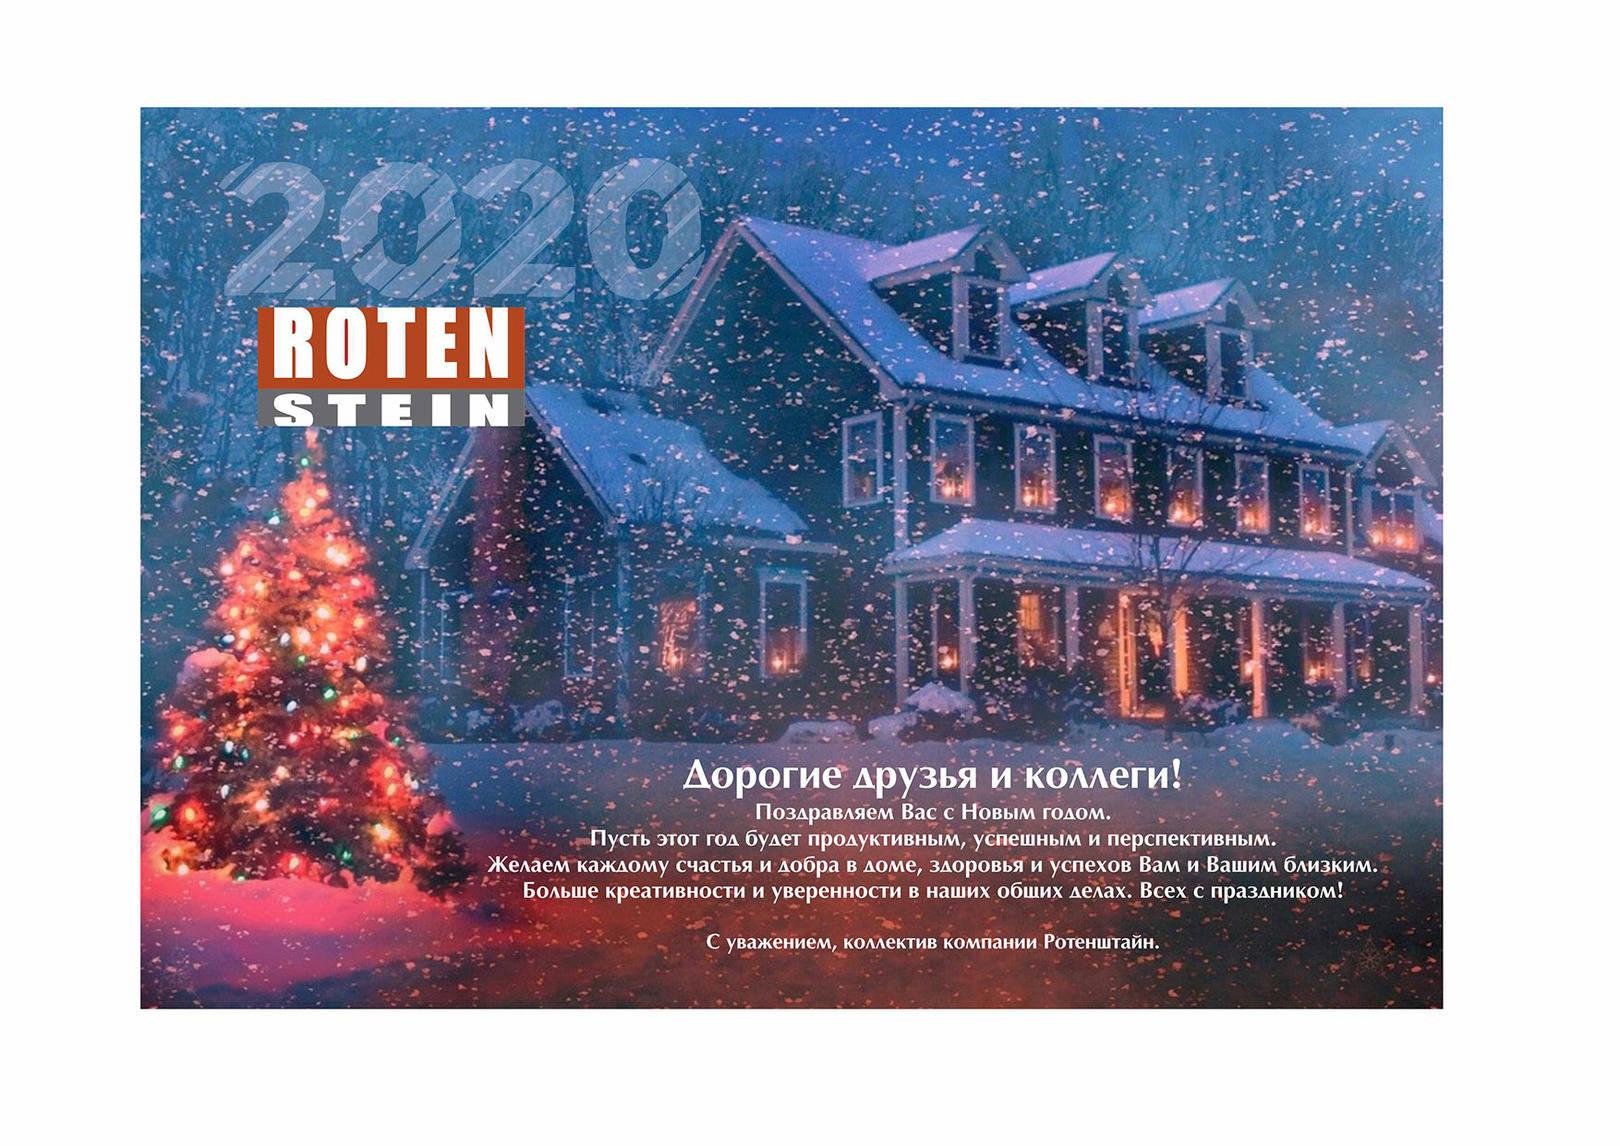 Новогодние  открытки для строительной компании «Roten Stein» (проектирование и строительство загородных домов премиум-класса)